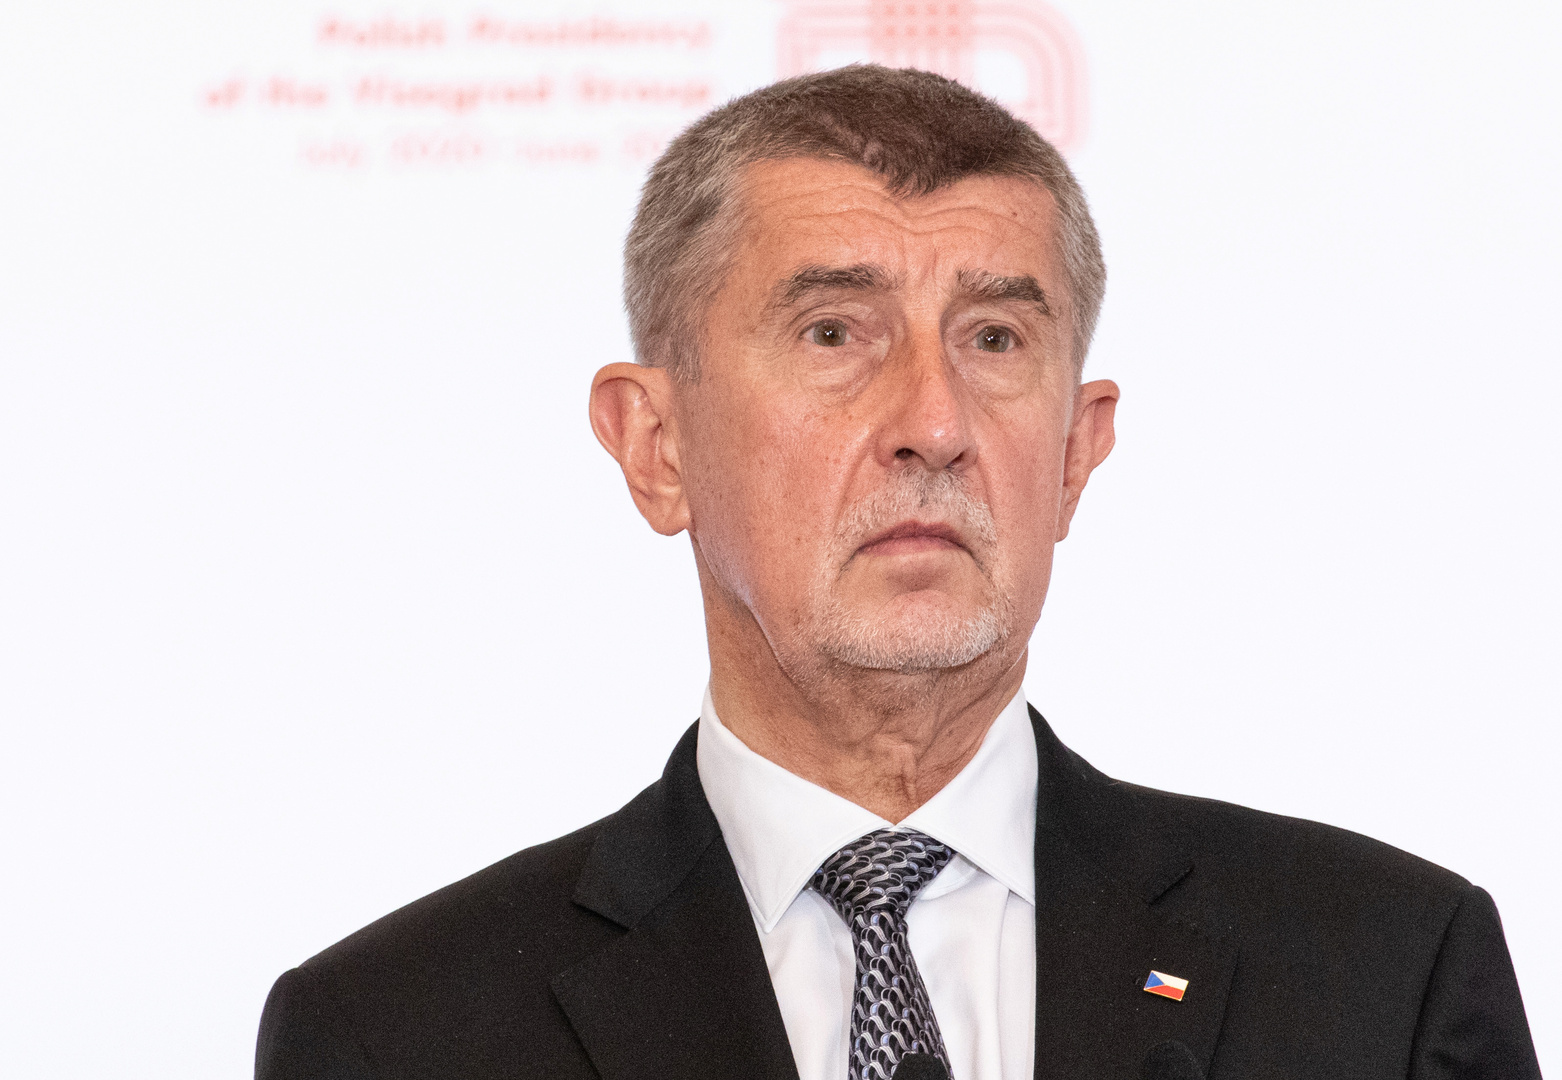 رئيس وزراء التشيك: هناك شخص كان يهددني بقتلي أنا وعائلتي